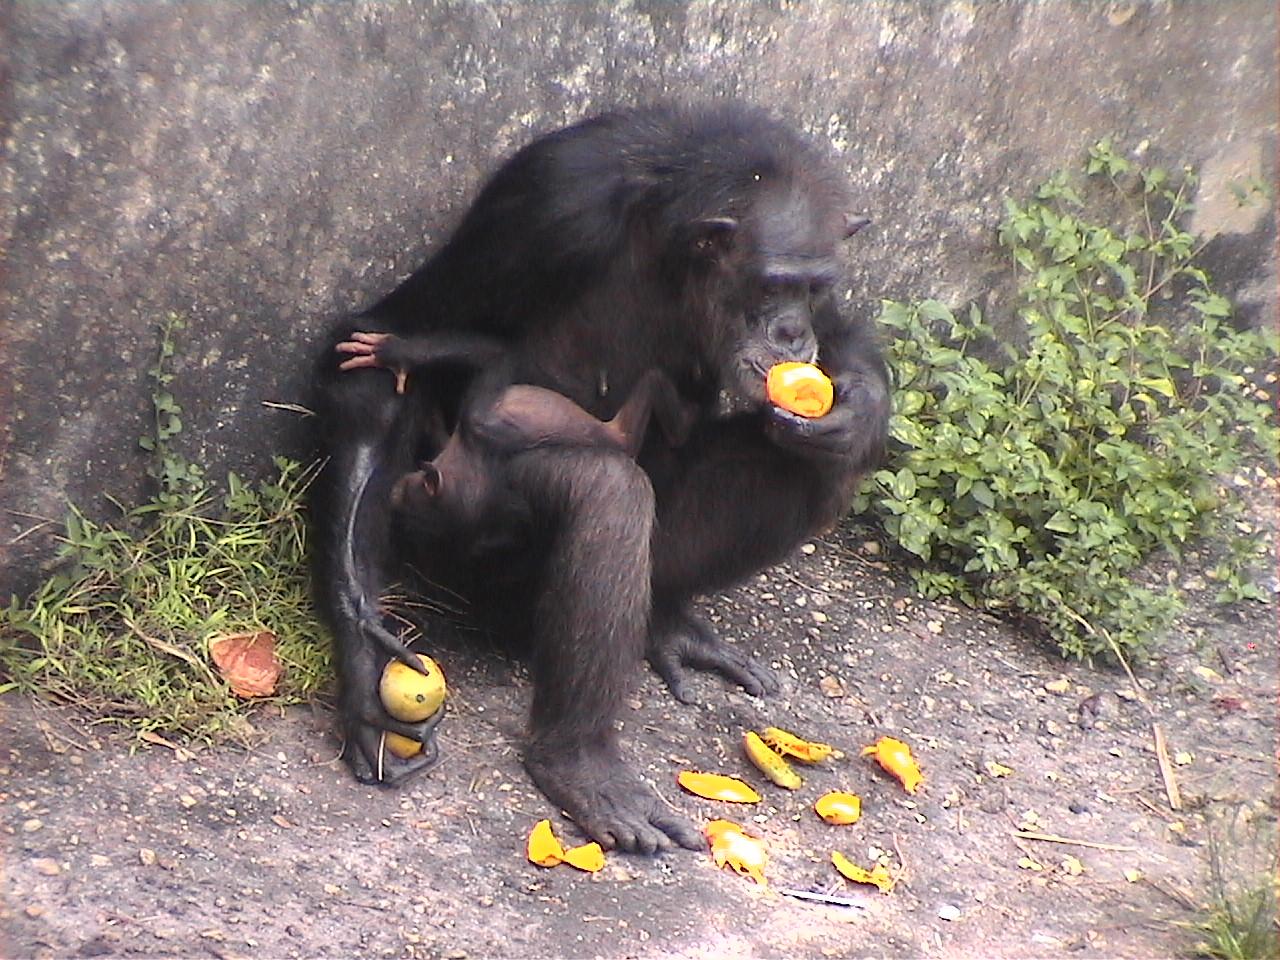 Mom and Baby Chimp at the Abidjan Zoo